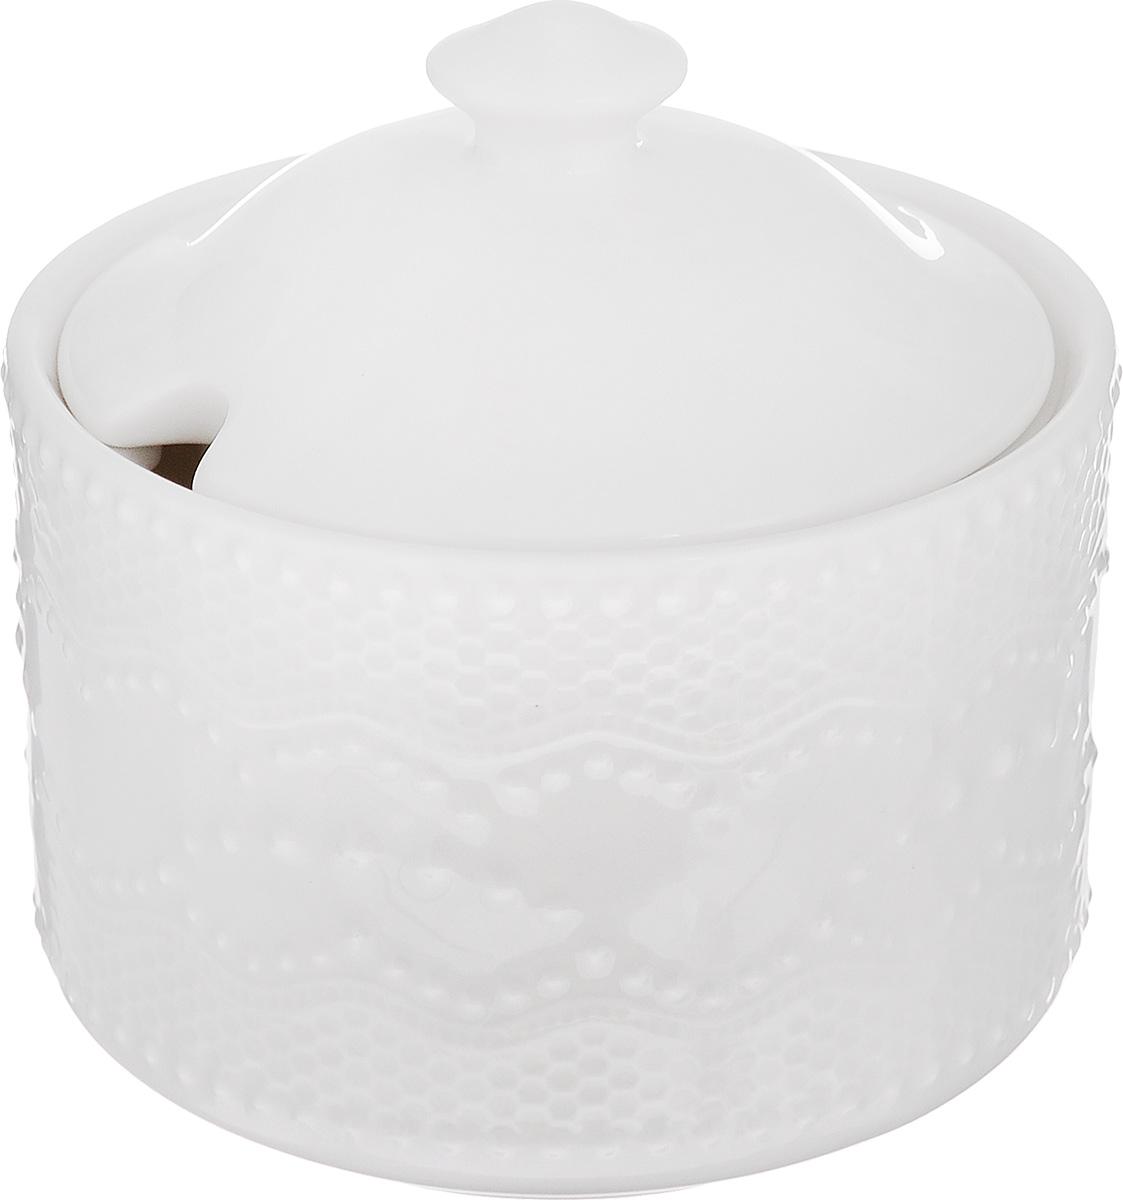 Сахарница Walmer Vivien, цвет: белый, 300 млVT-1520(SR)Великолепная сахарница Walmer Vivien выполнена из высококачественного фарфора и оснащенакрышкой. Эксклюзивный дизайн,эстетичность и функциональность сахарницы делают ее незаменимой на любойкухне.Диаметр сахарницы (по верхнему краю): 9,7 см.Высота сахарницы (без учета крышки): 7 см.